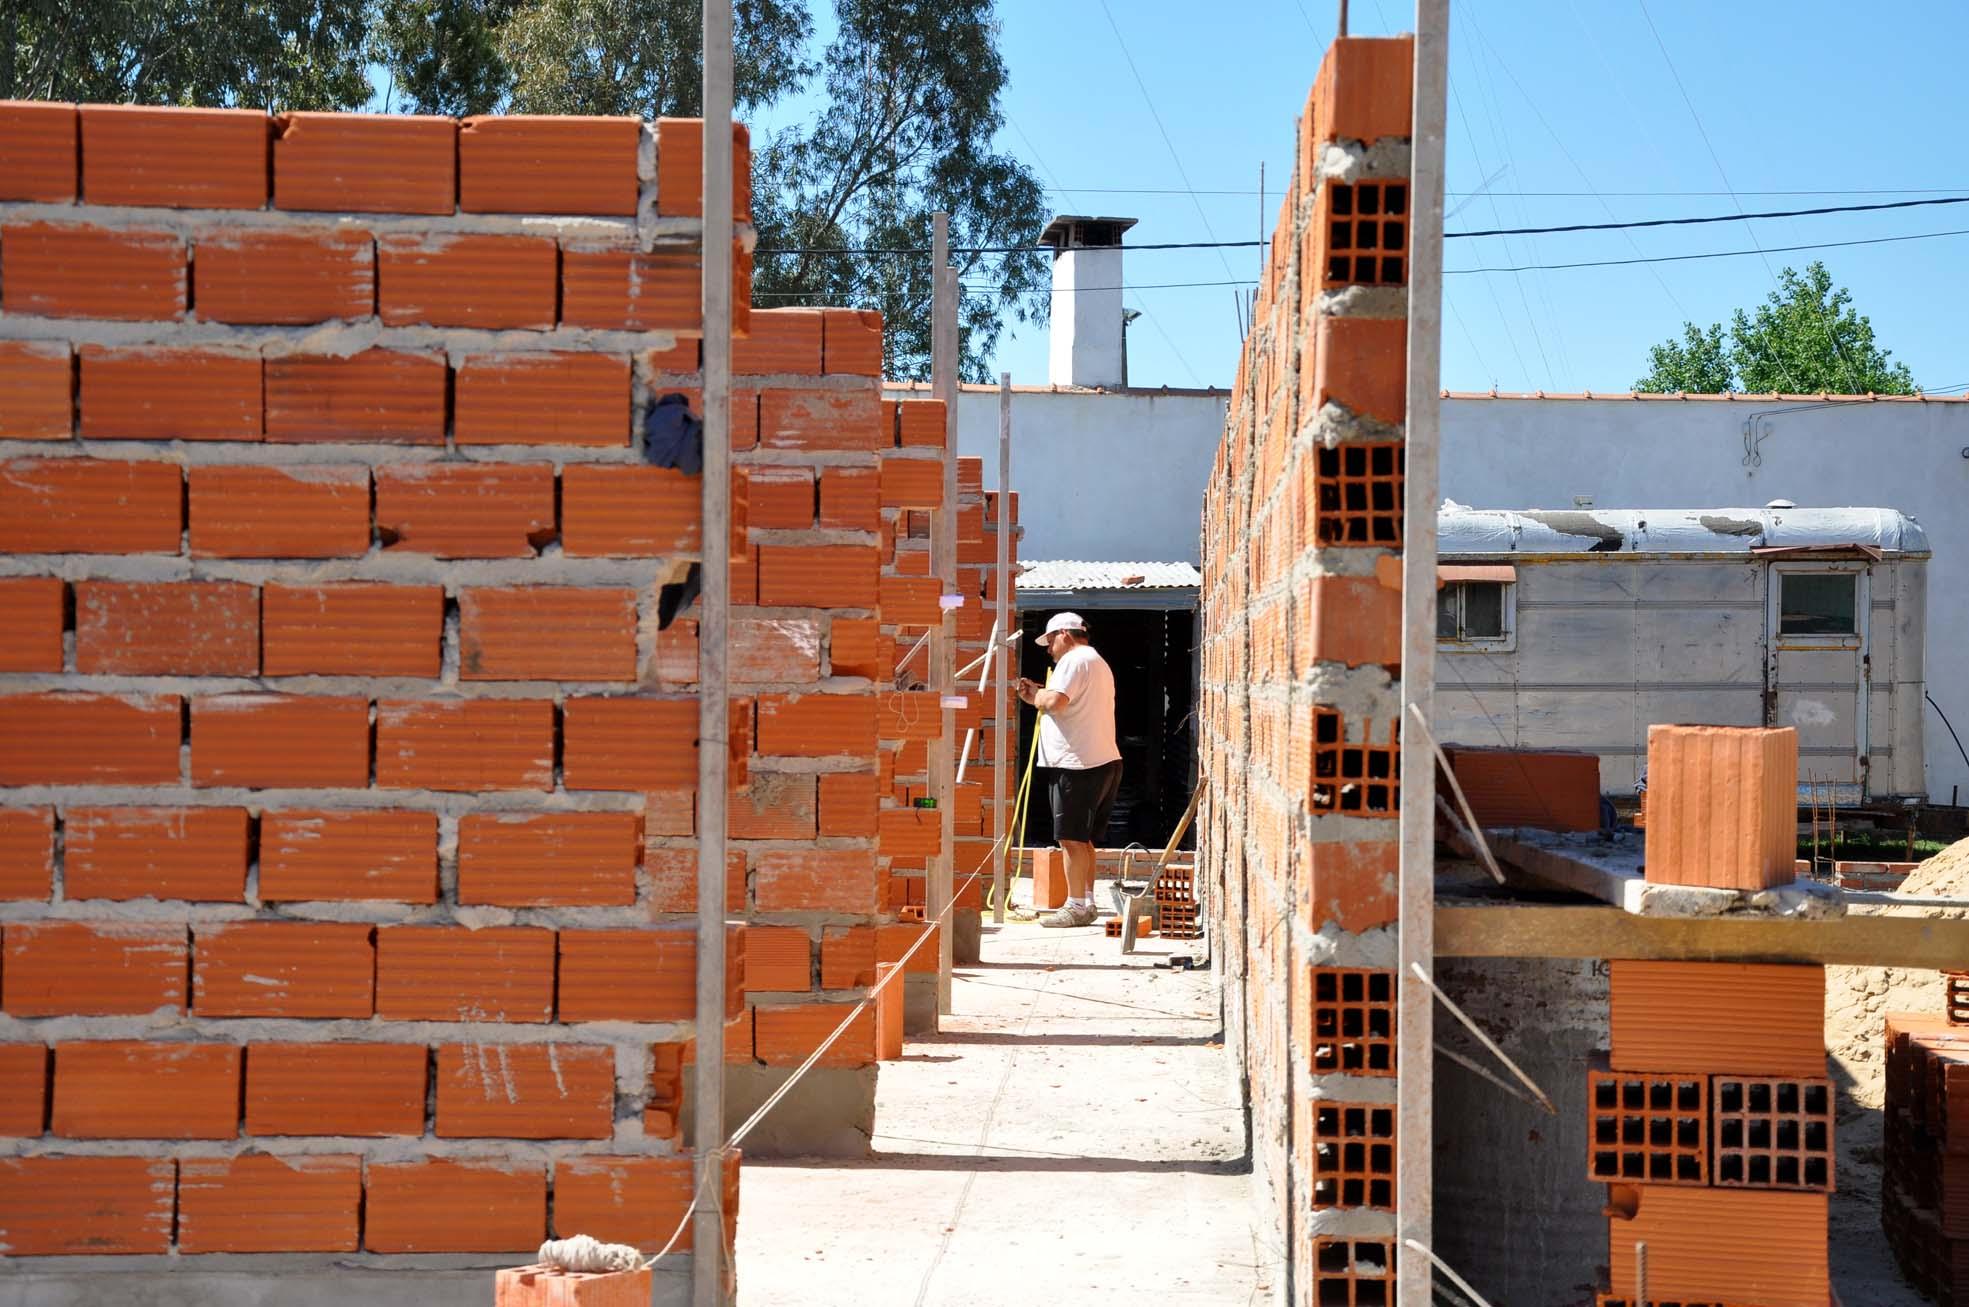 Construcci n de la casa de la historia y la cultura - Construccion de casa ...